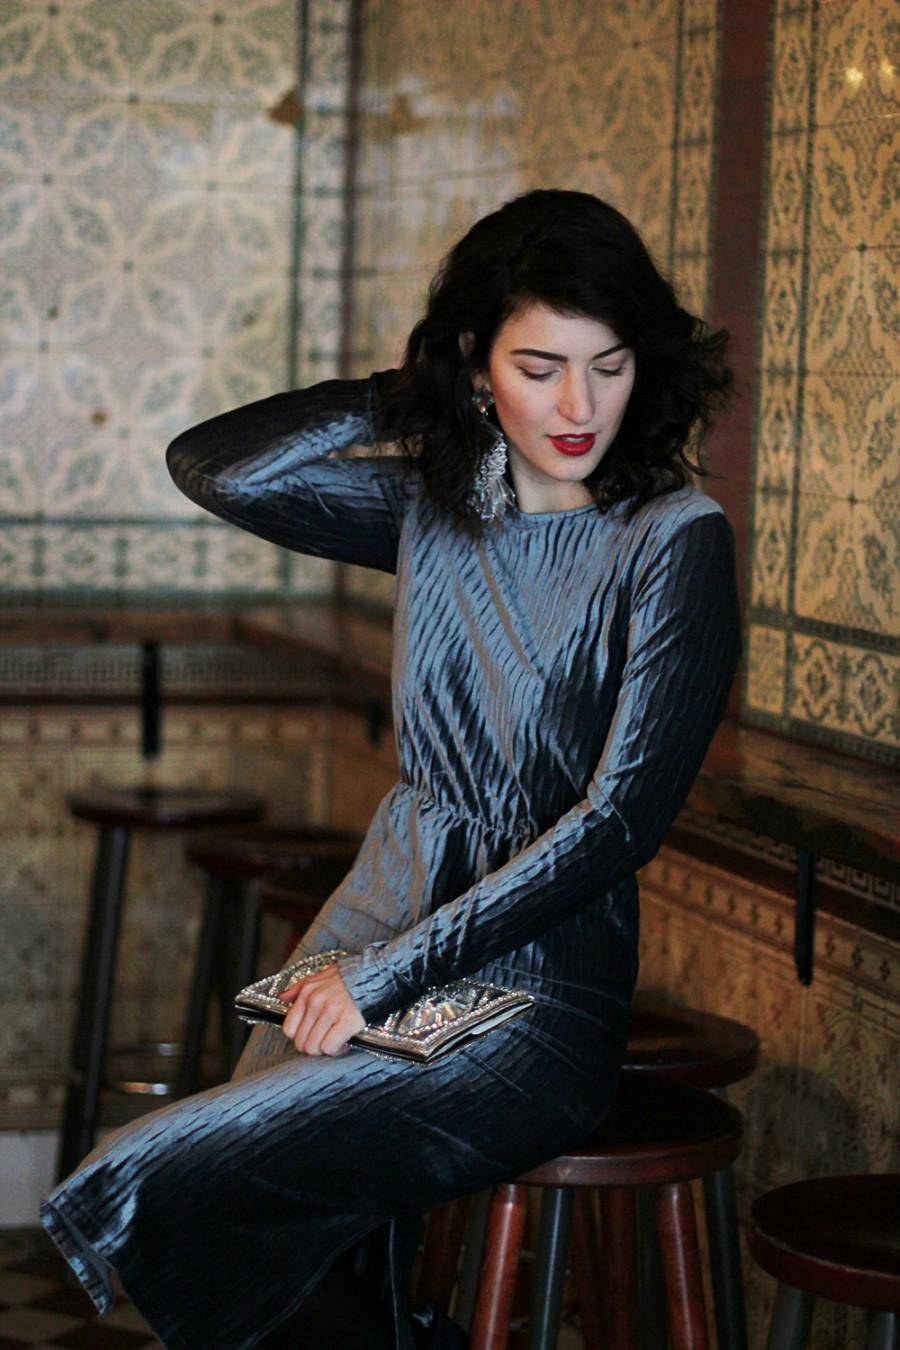 Velvet Dress with Statement Earrings - Copyright: Balmain x HM